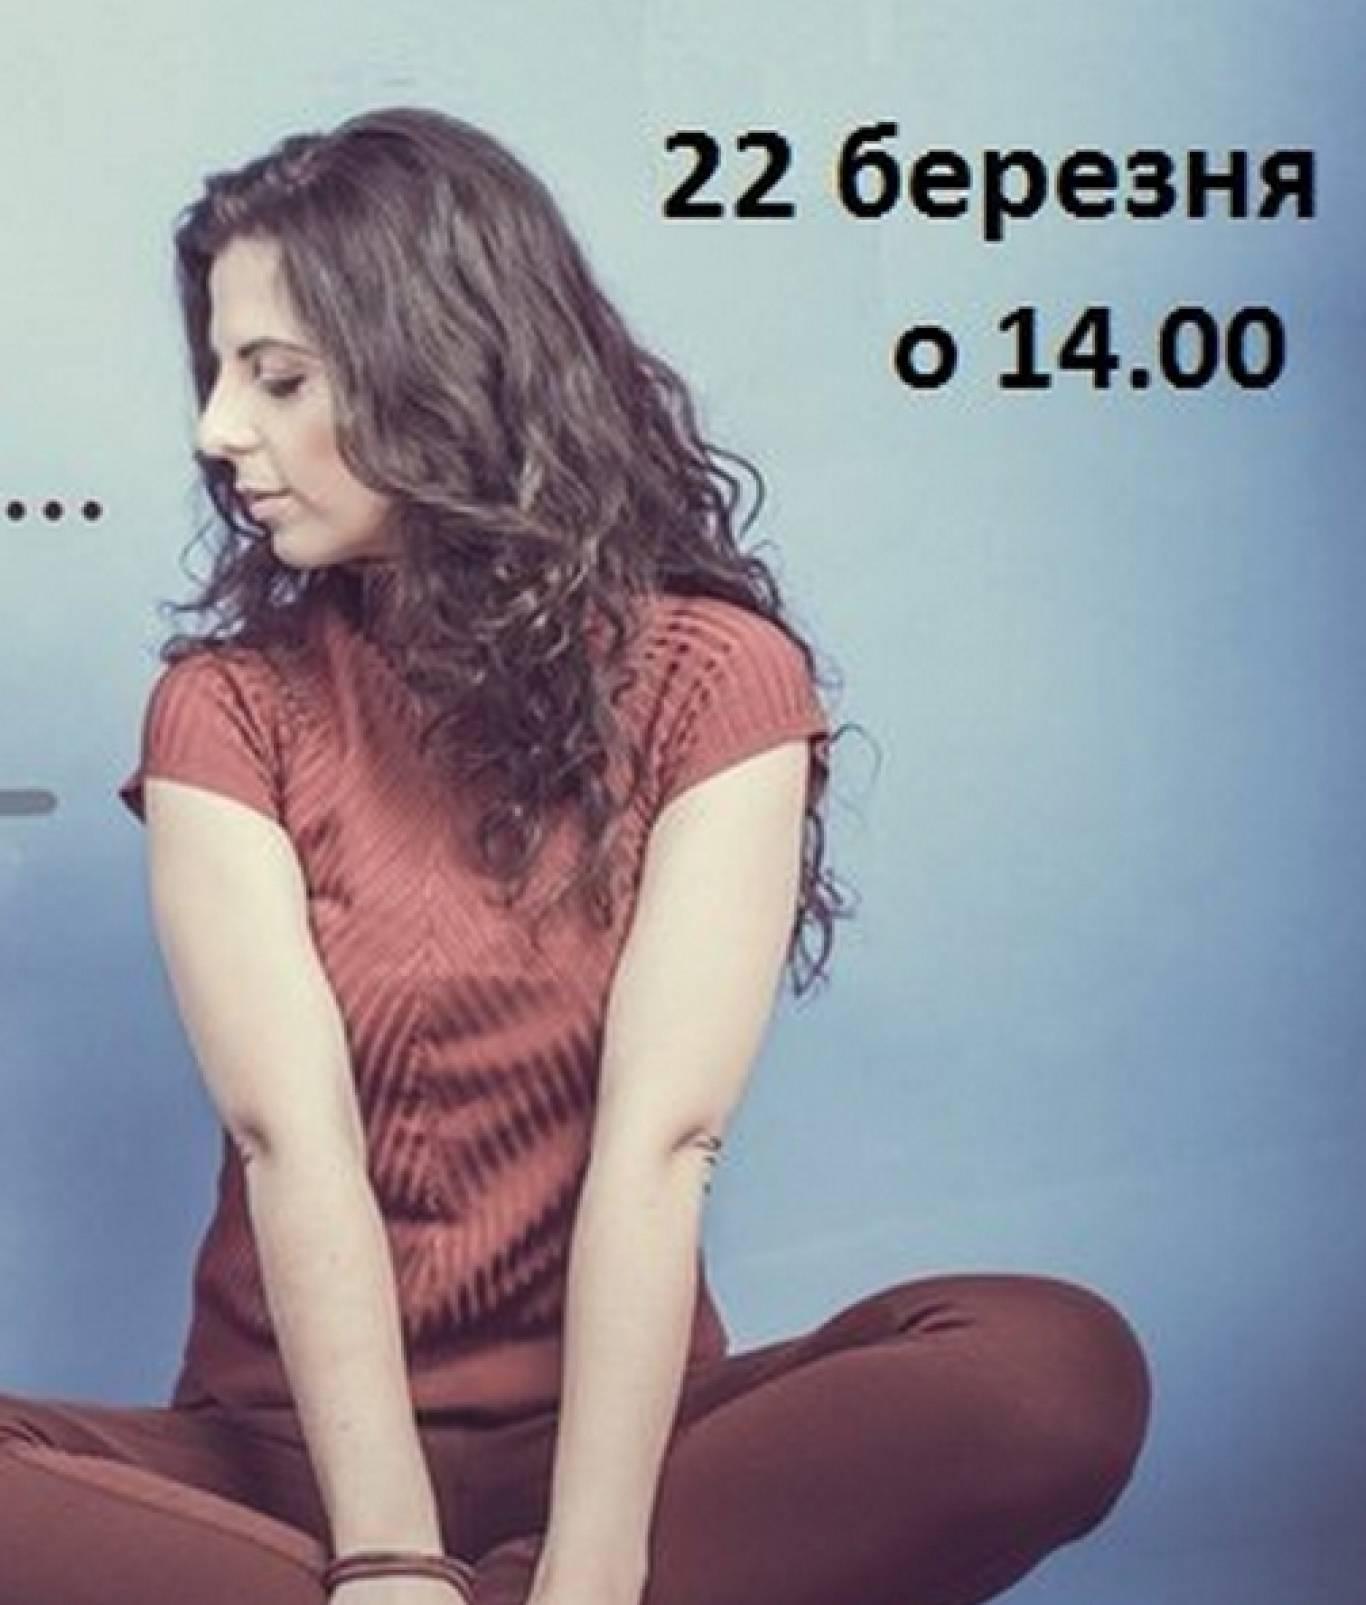 Літературно-музичний вечір від Олени Баркової